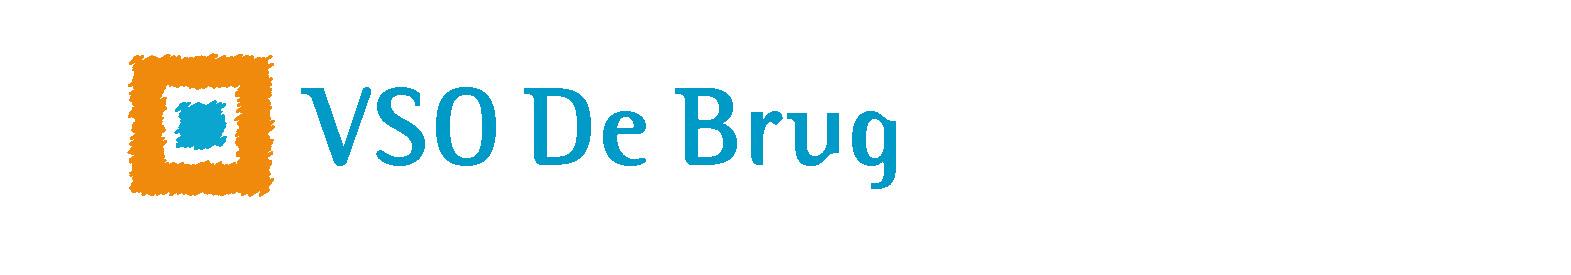 VSO De Brug